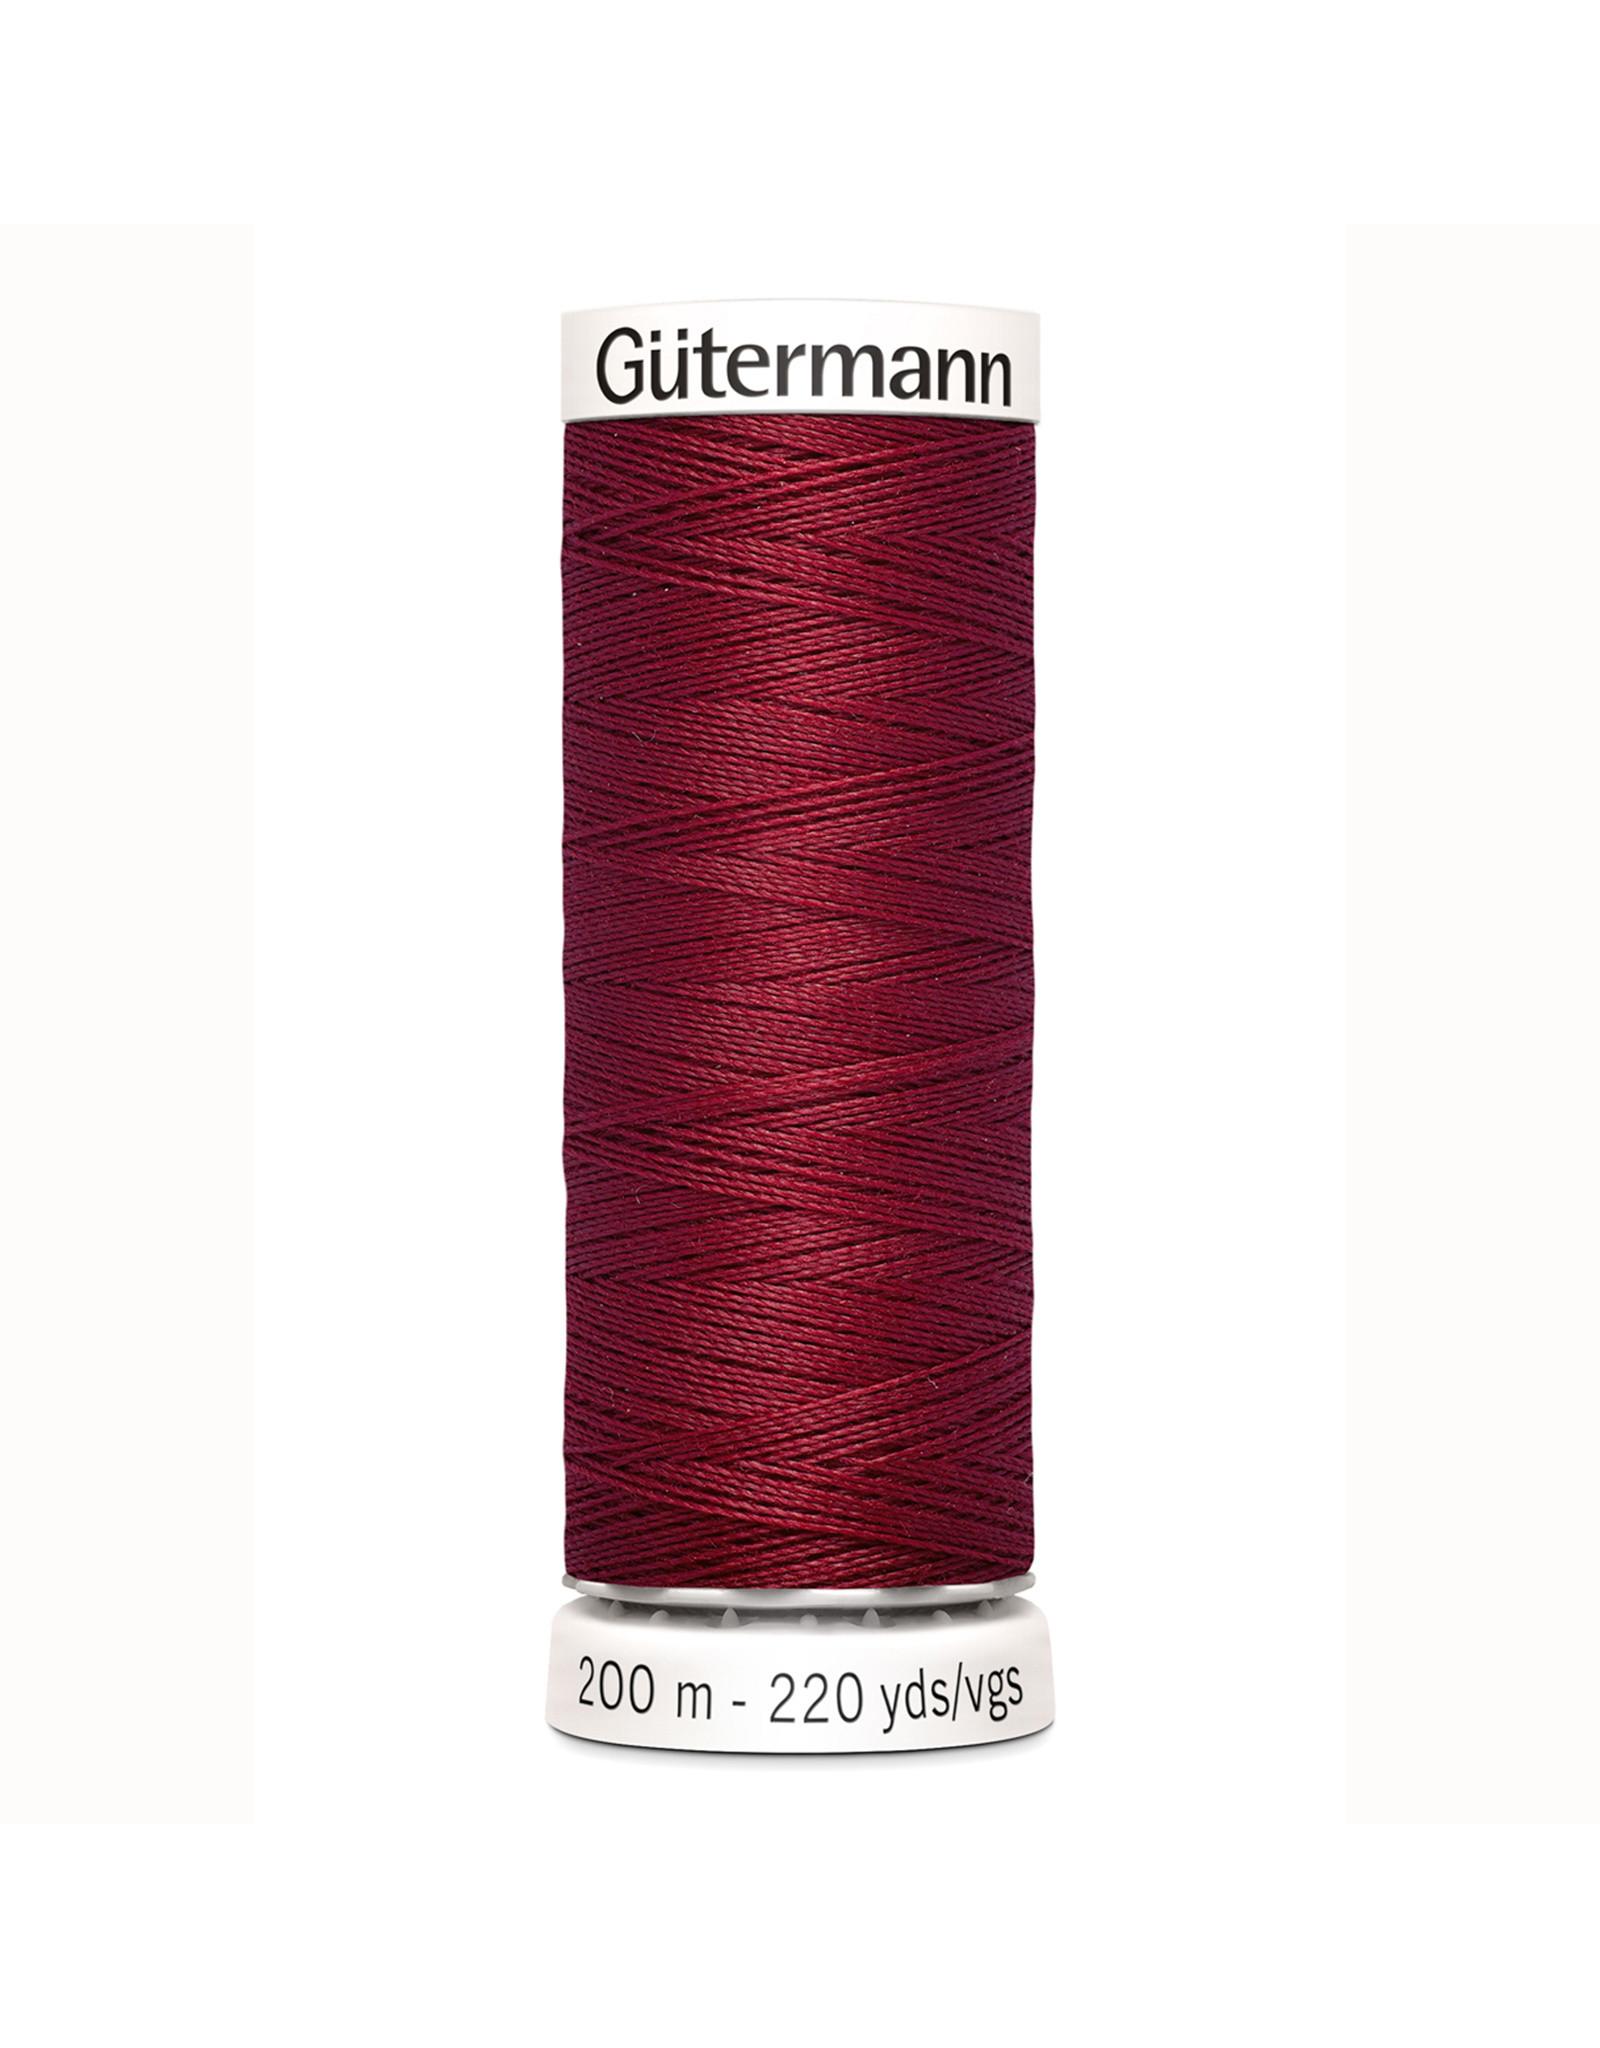 Gütermann Gütermann Nähgarn 200 m - nr 226